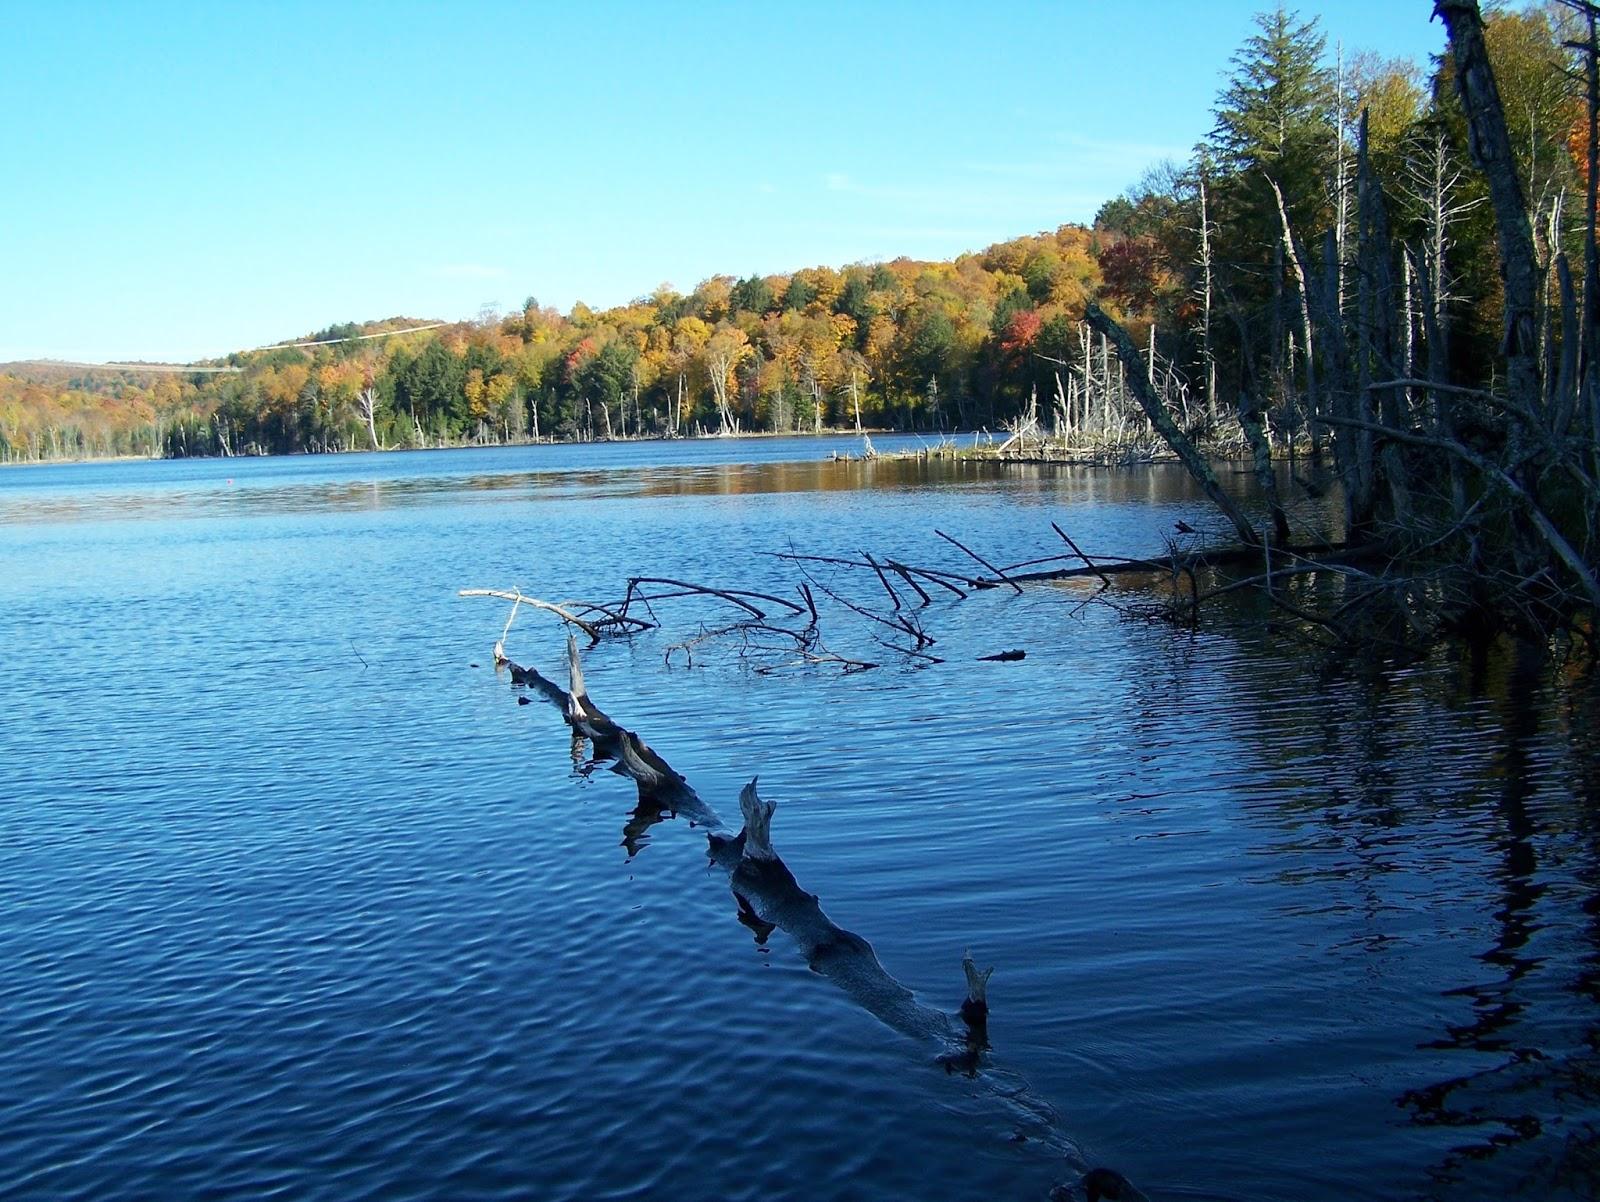 La lagune la pêche de la photo des maisonnettes